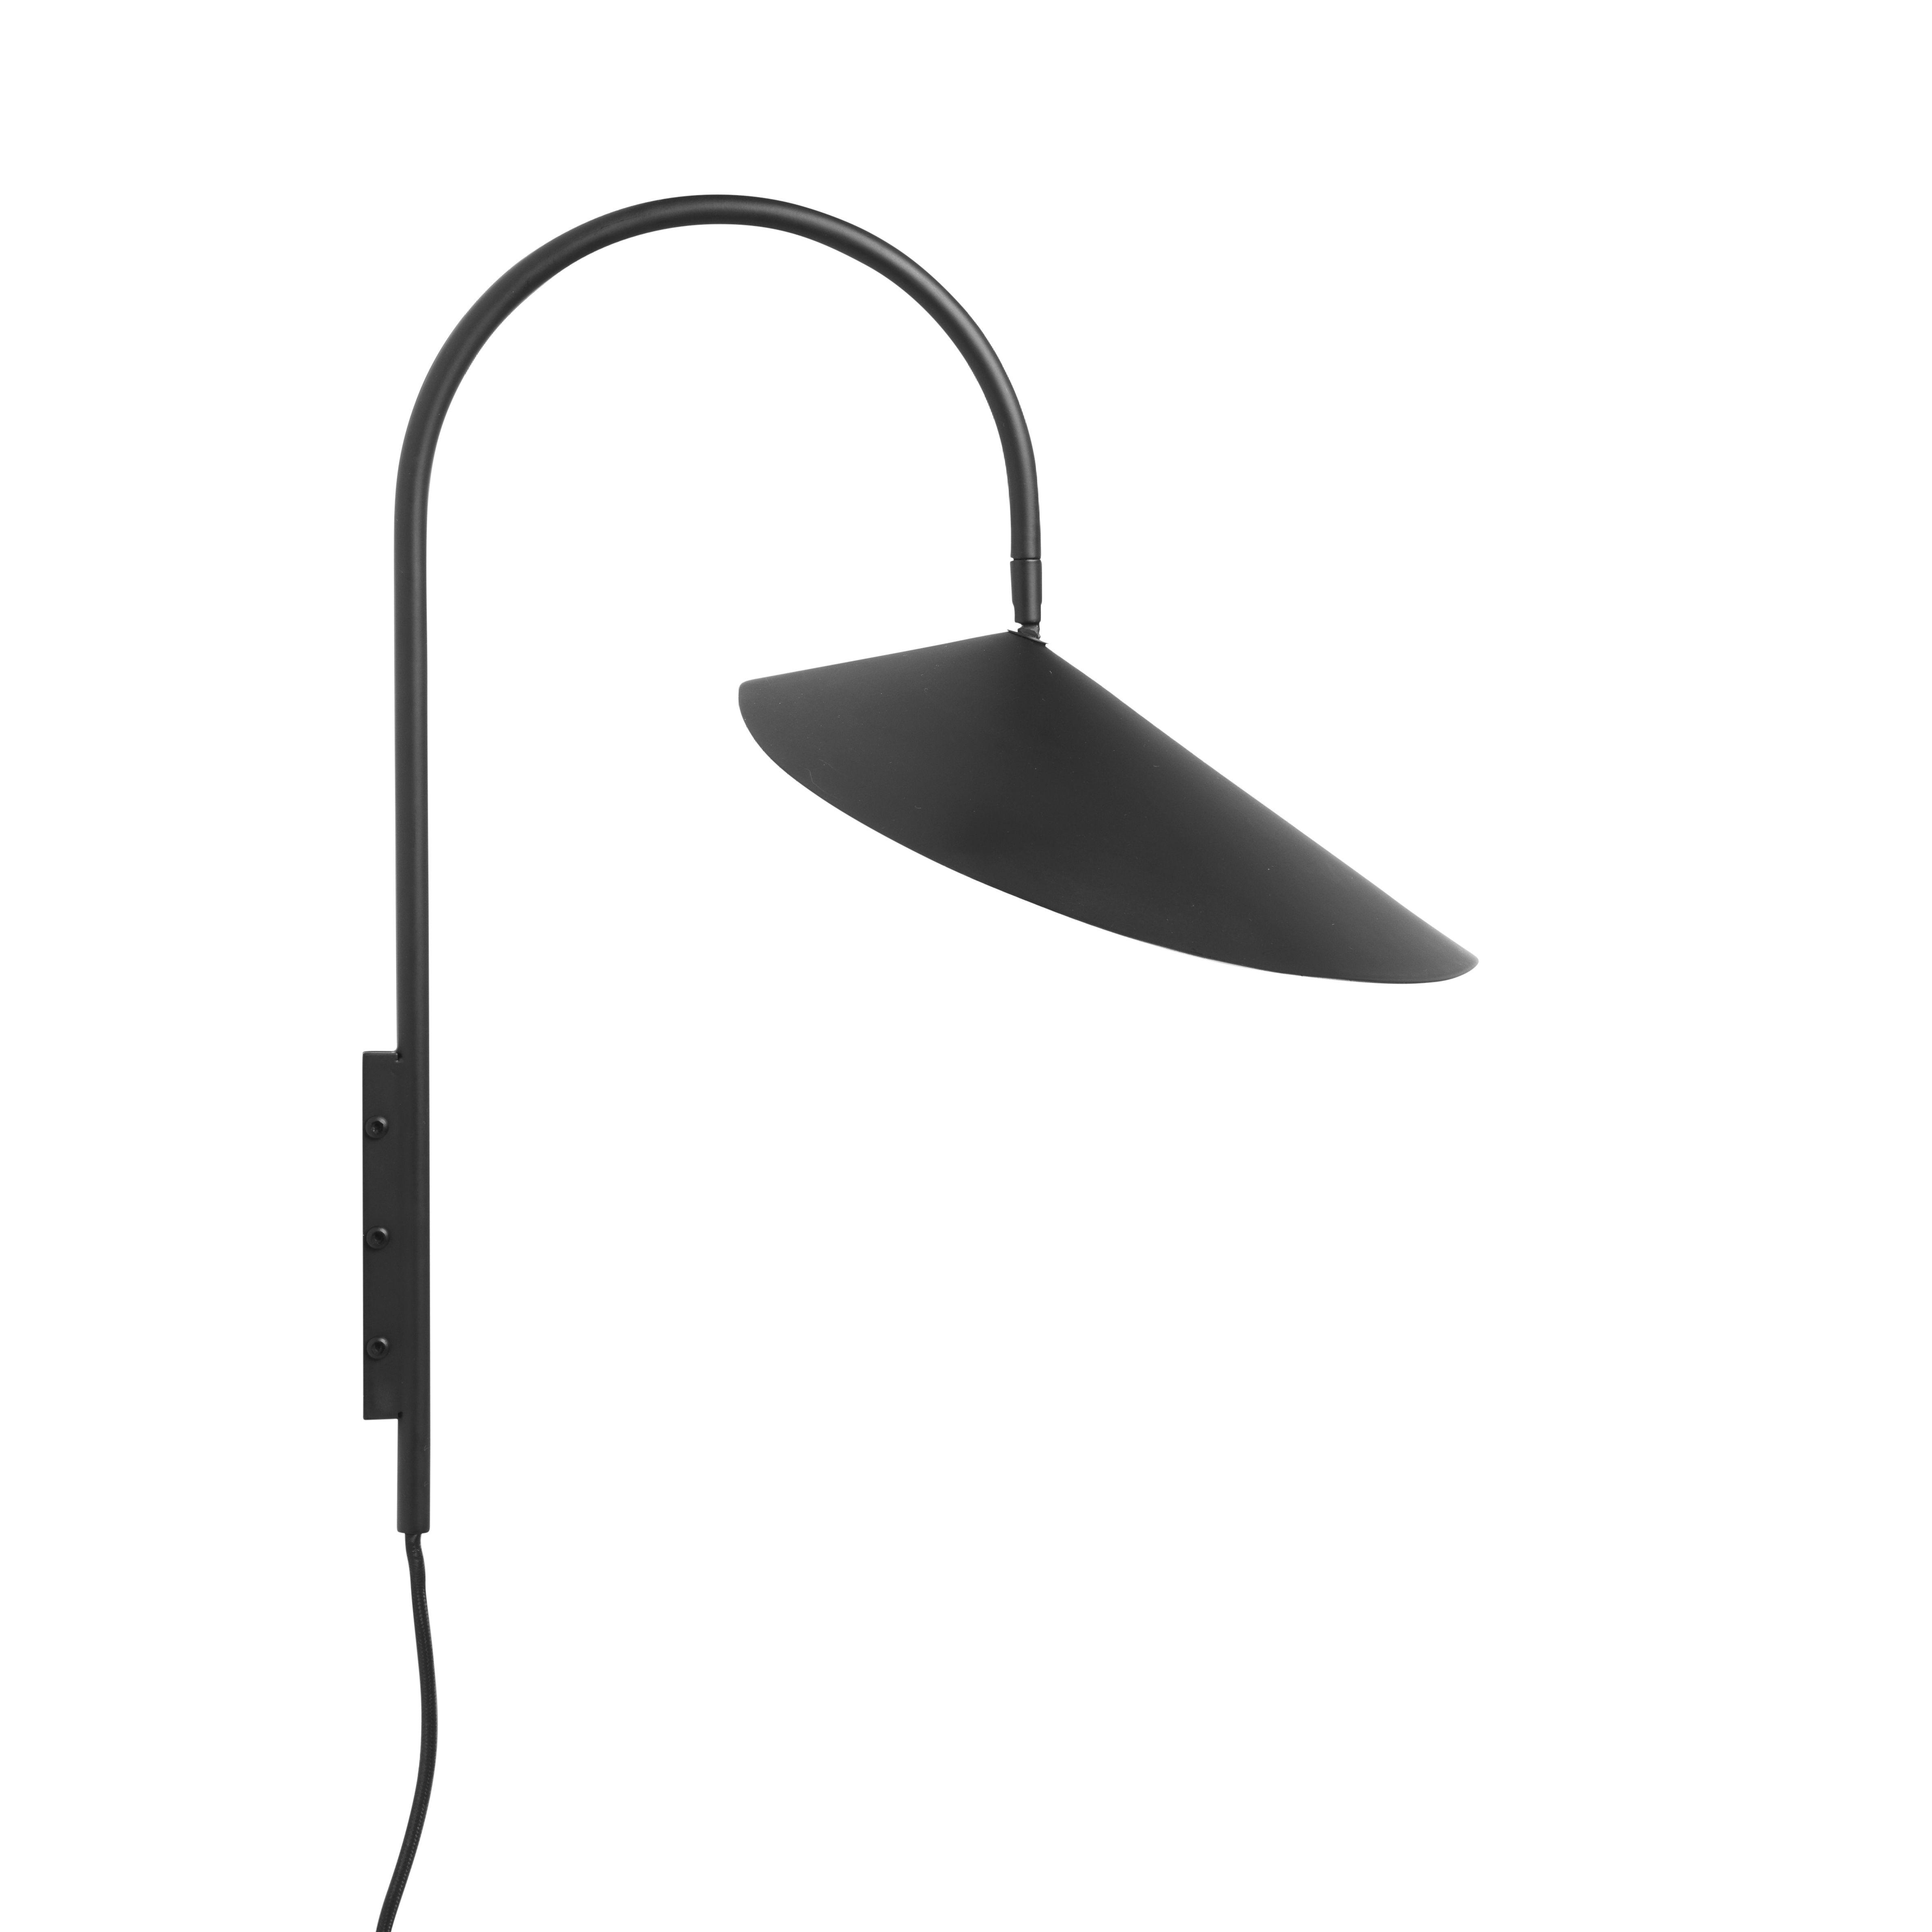 Luminaire - Appliques - Applique avec prise Arum Small / H 46 cm - Métal - Orientable - Ferm Living - Noir - Acier laqué époxy